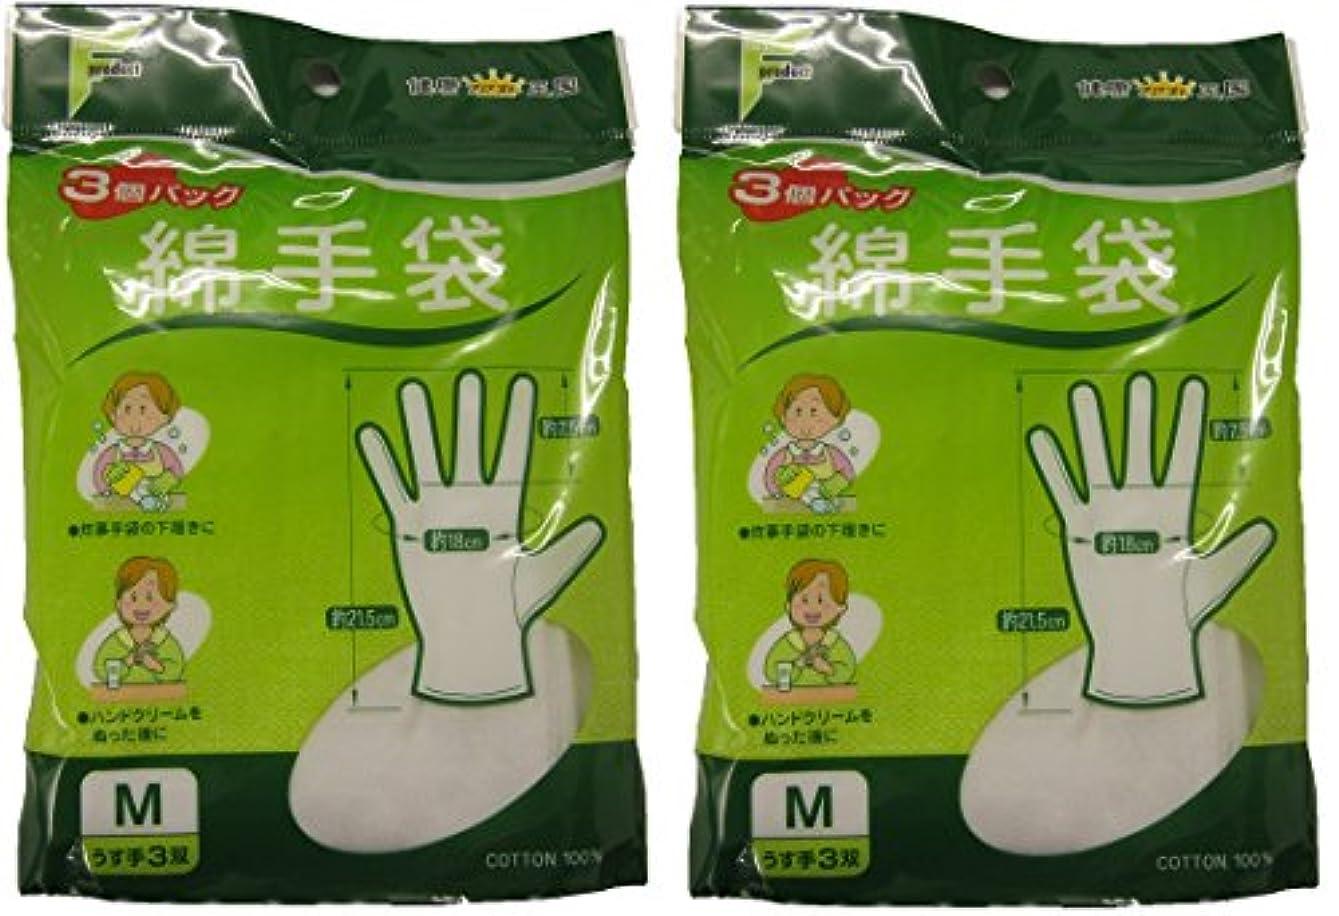 連帯写真を撮る予定ファスト綿手袋 Mサイズ 3双 M3双【2個セット】